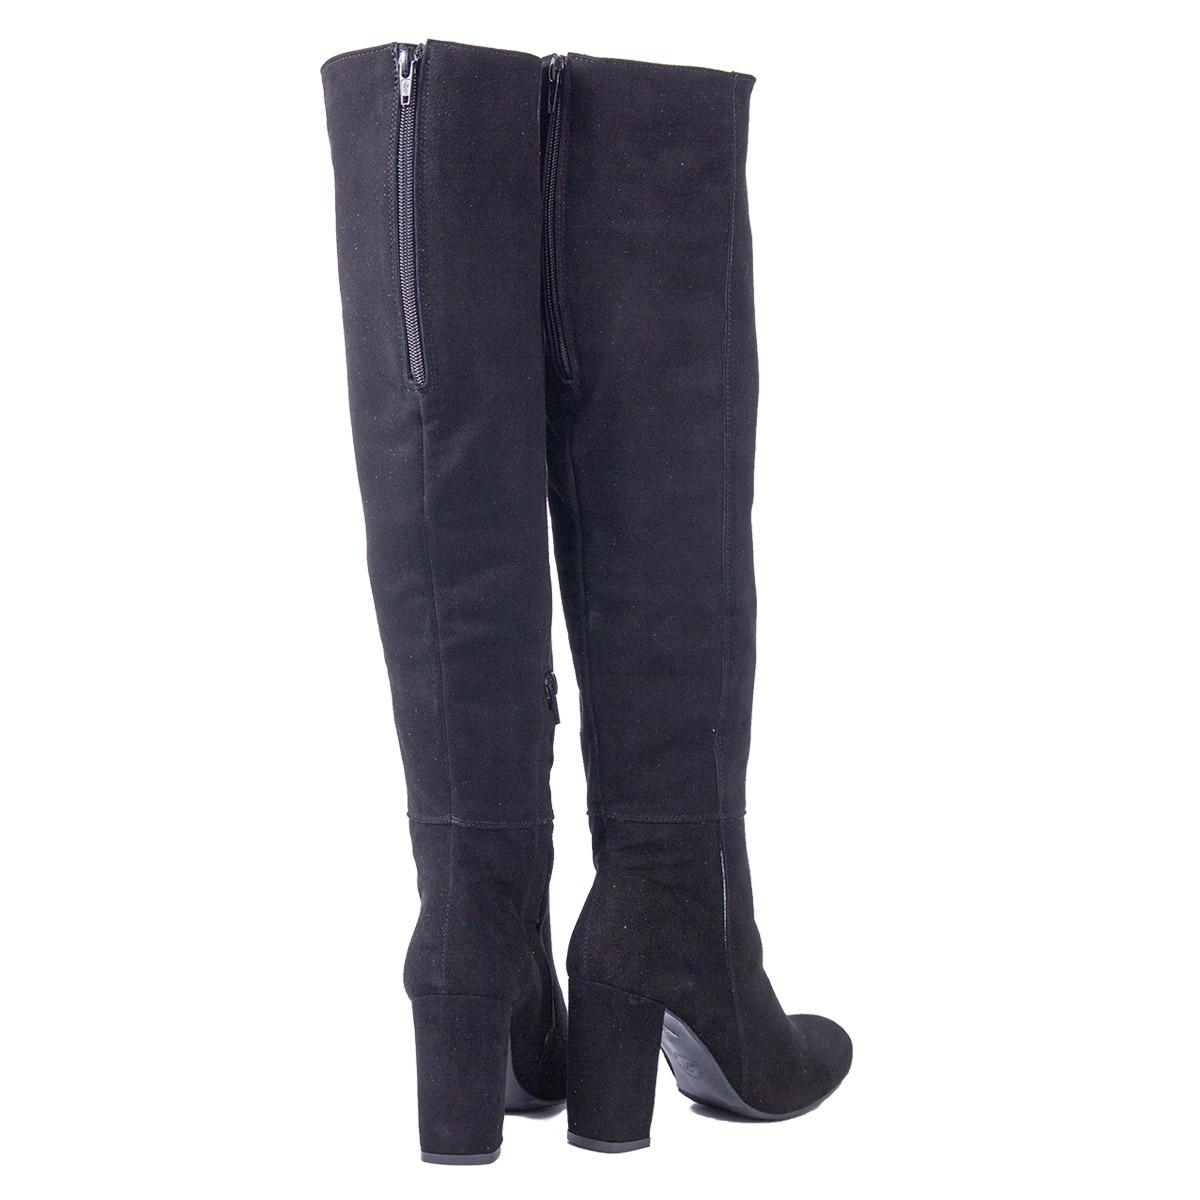 7c1830cac30d3 Czarne zamszowe kozaki za kolano SWING FASHION STORE